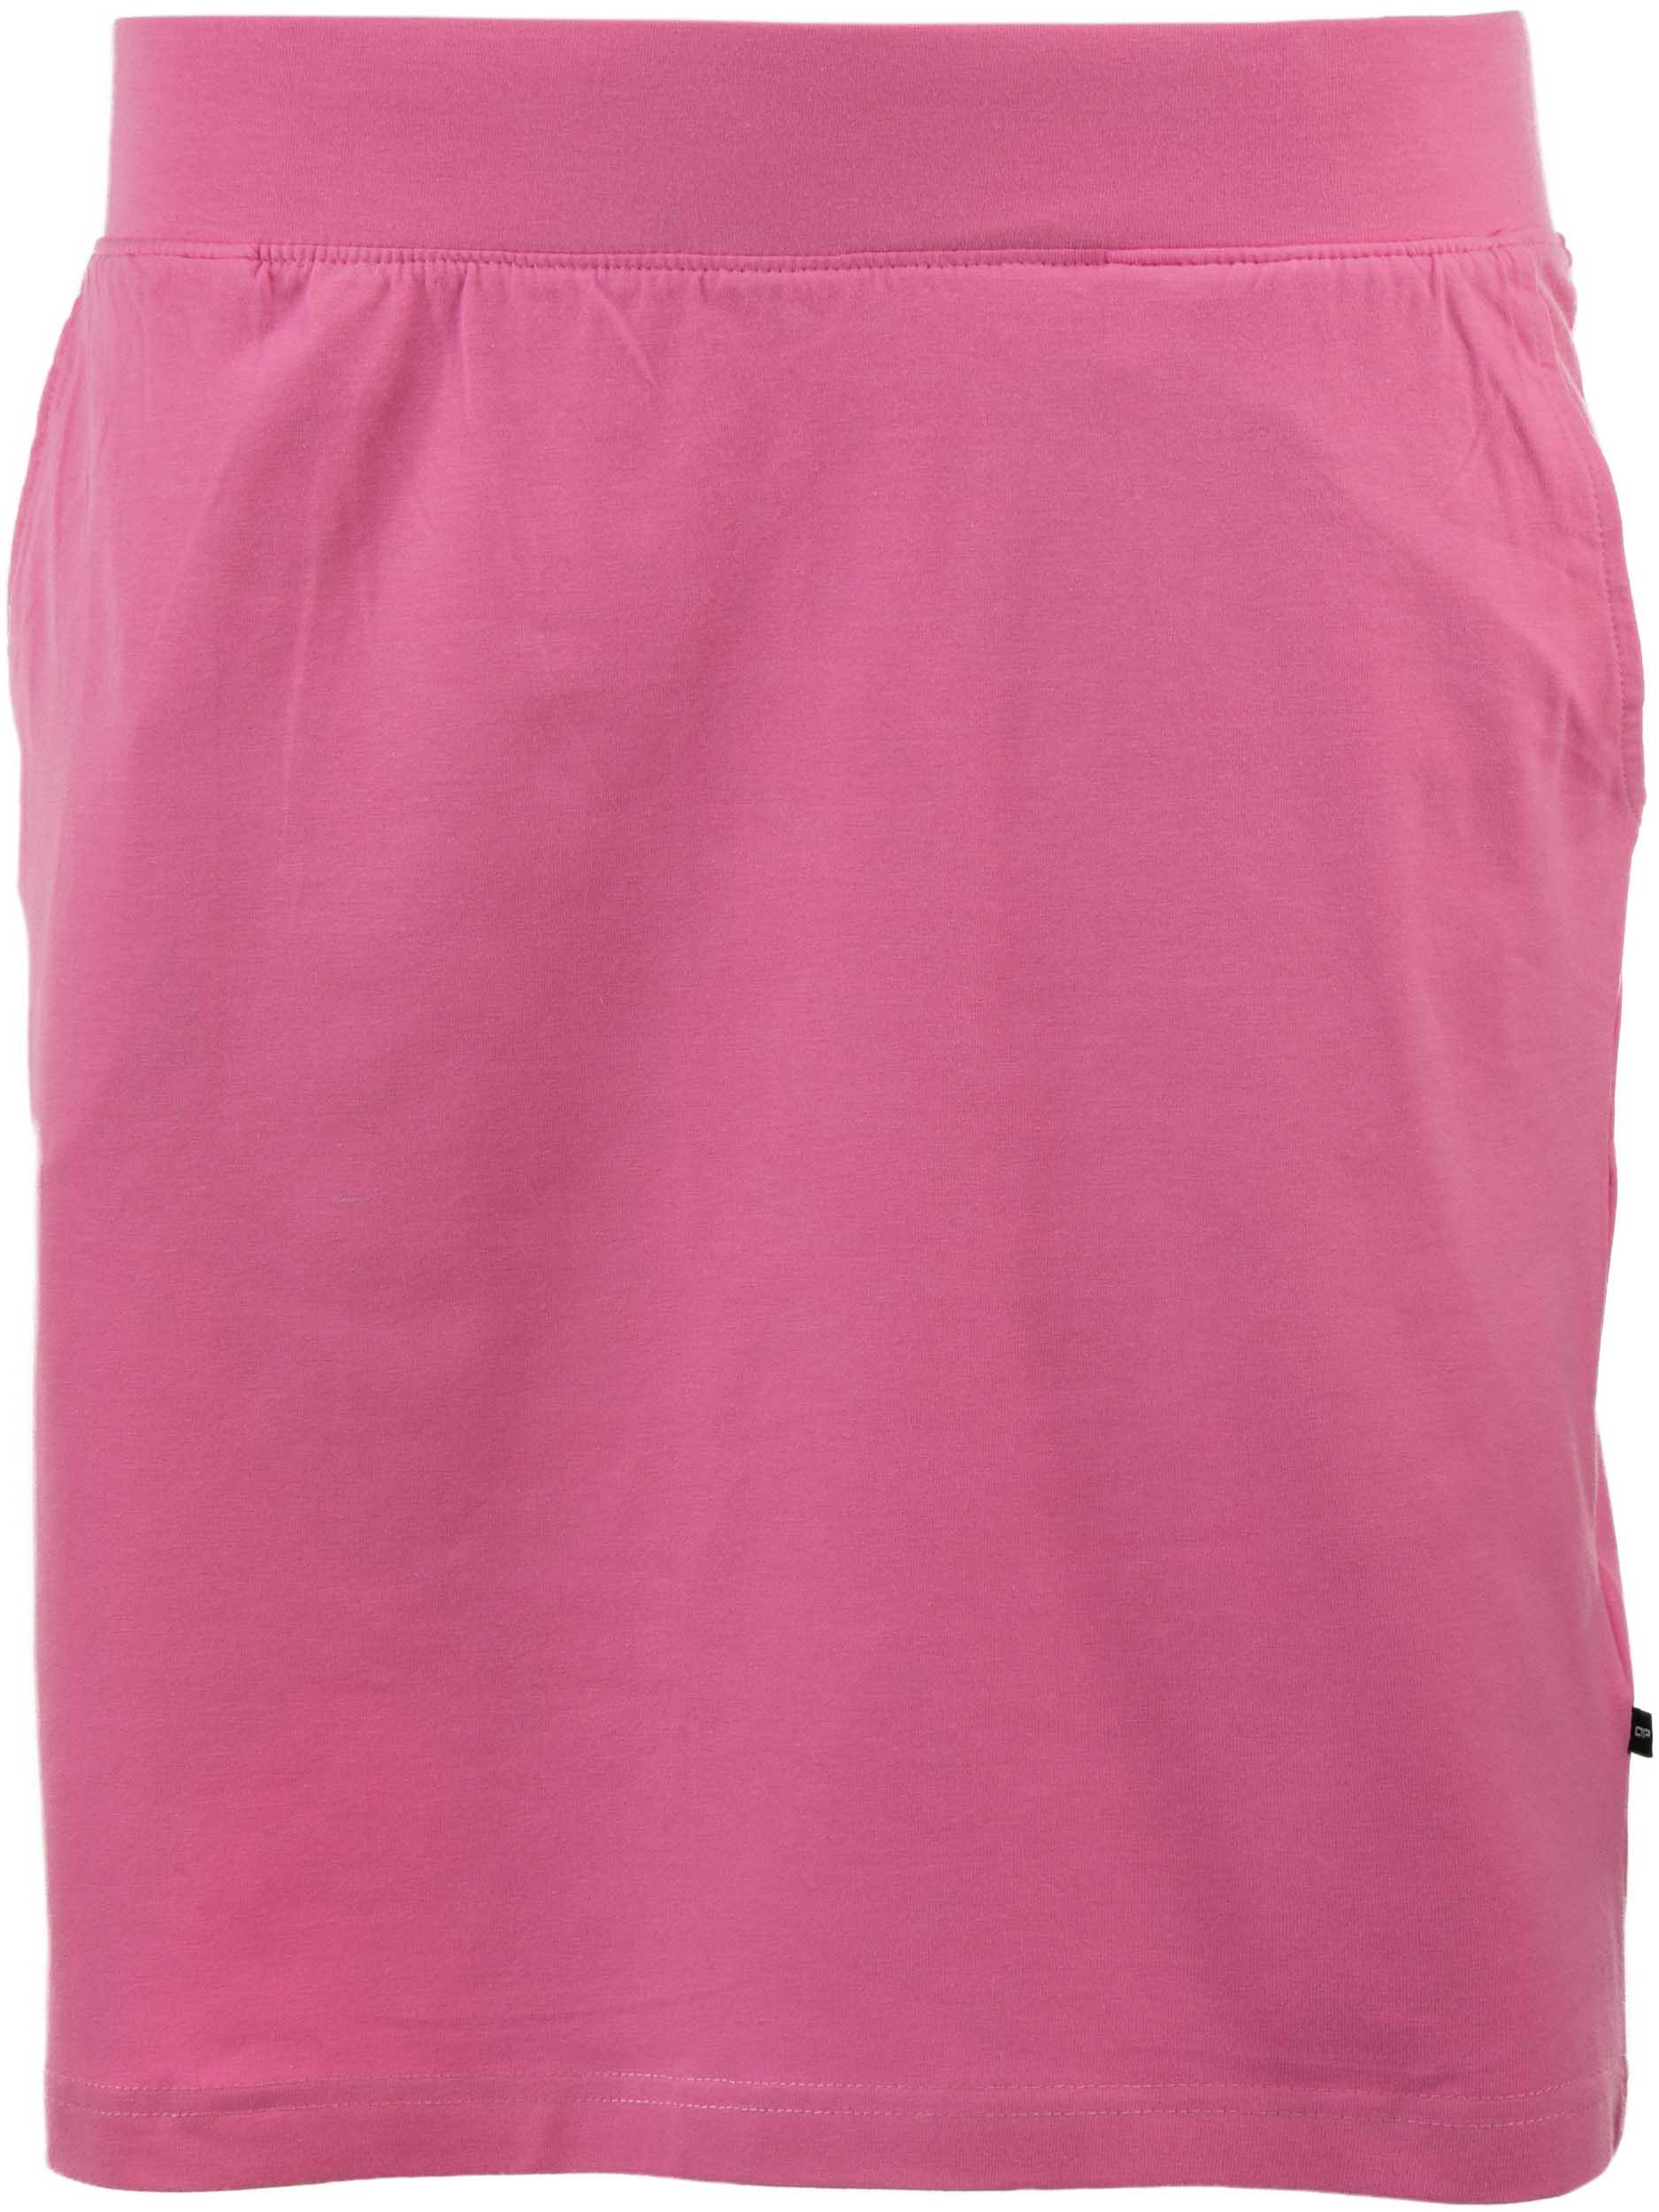 Dámská sukně Alpine Pro Eloisa